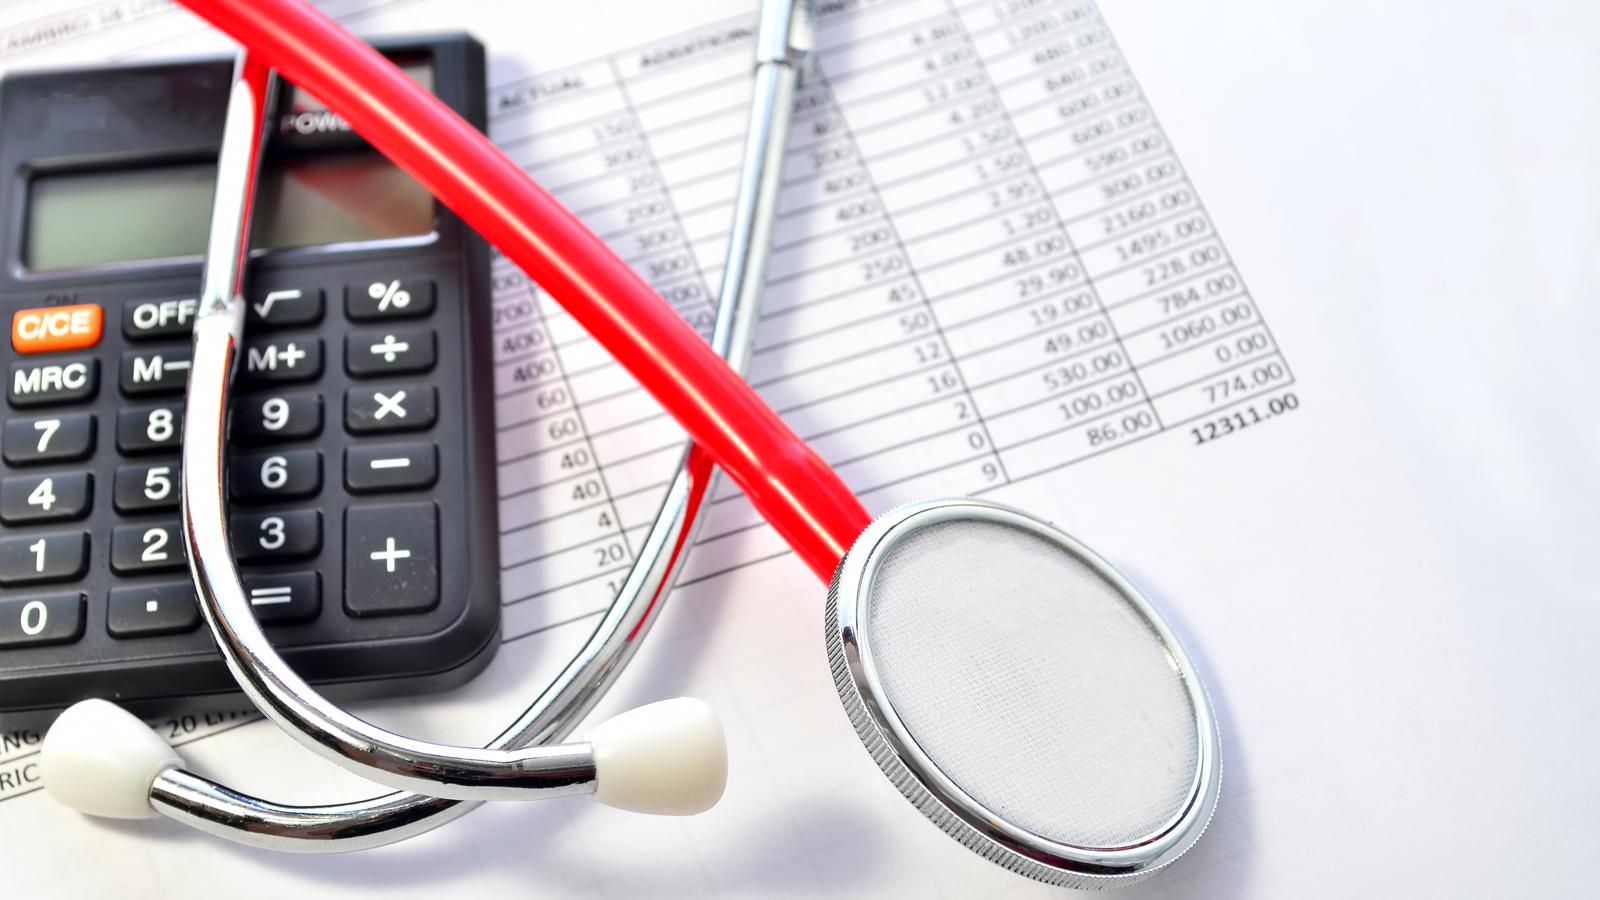 Fisco come detrarre le spese sanitarie online la guida for Detrazioni fiscali 2017 agenzia delle entrate